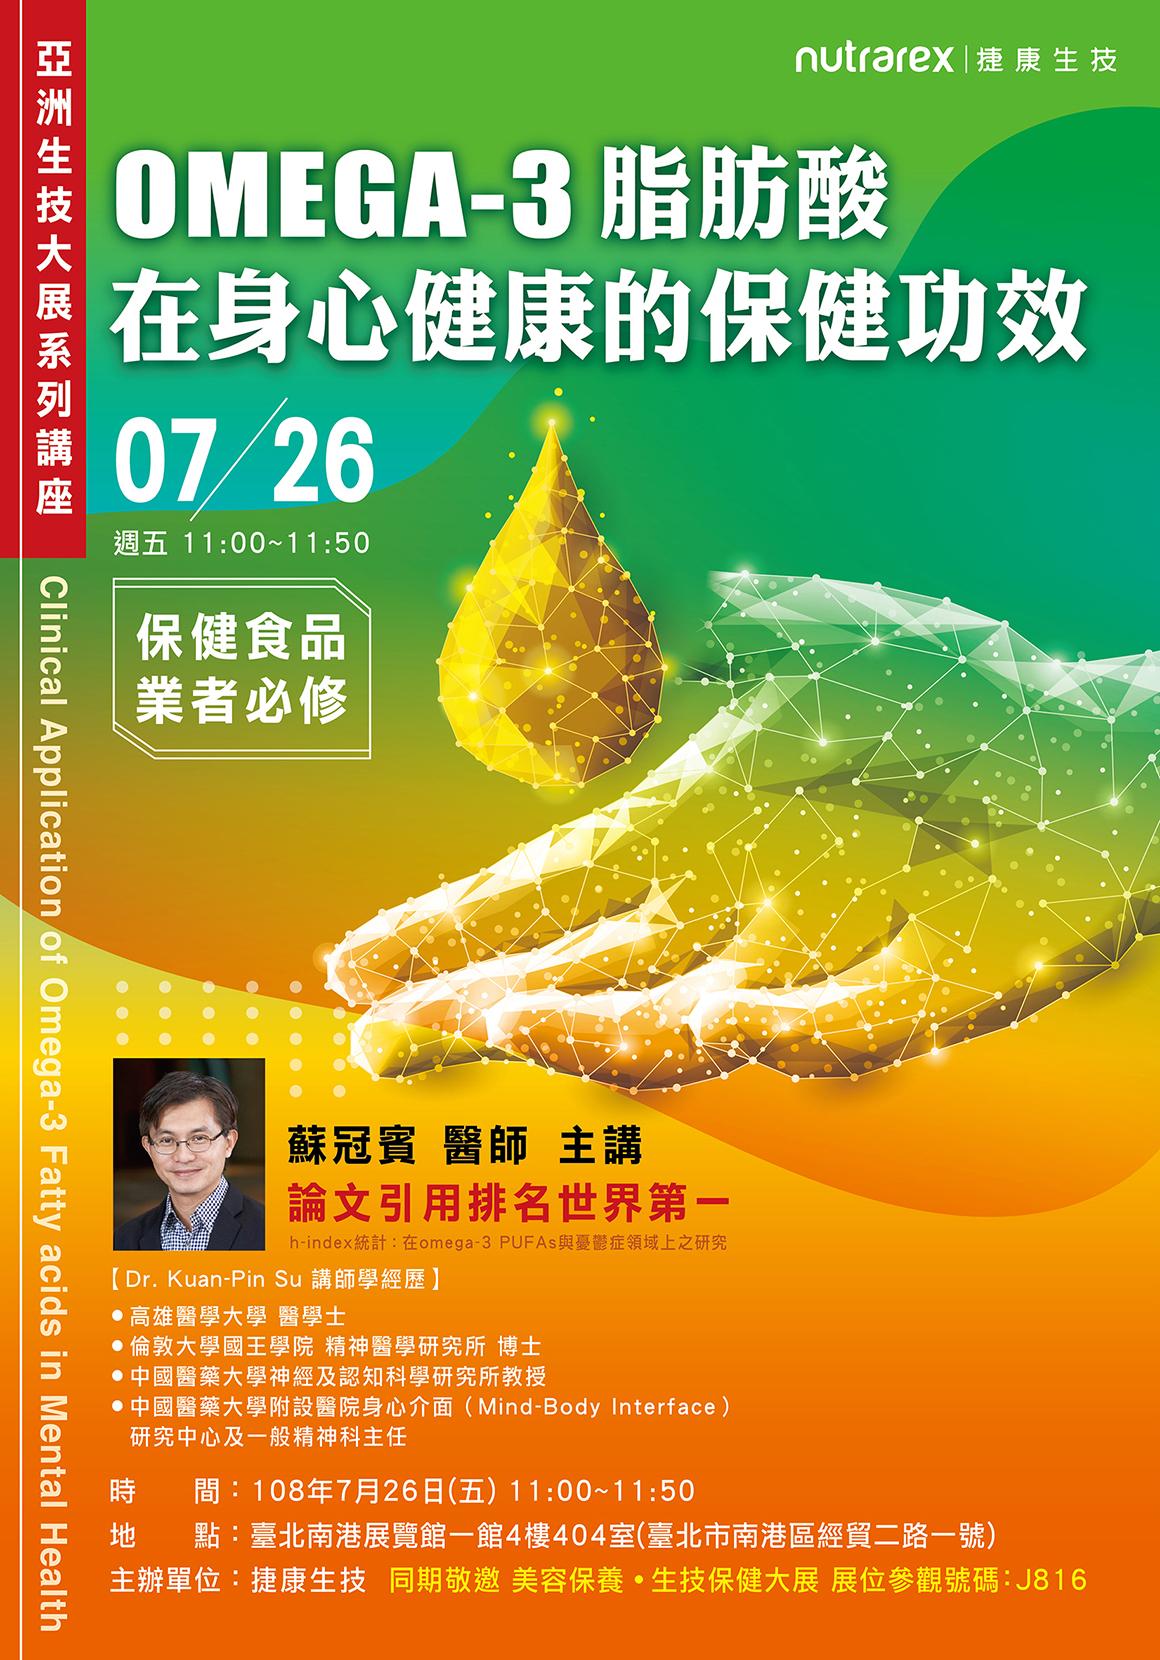 2019捷康魚油講座海報示意圖